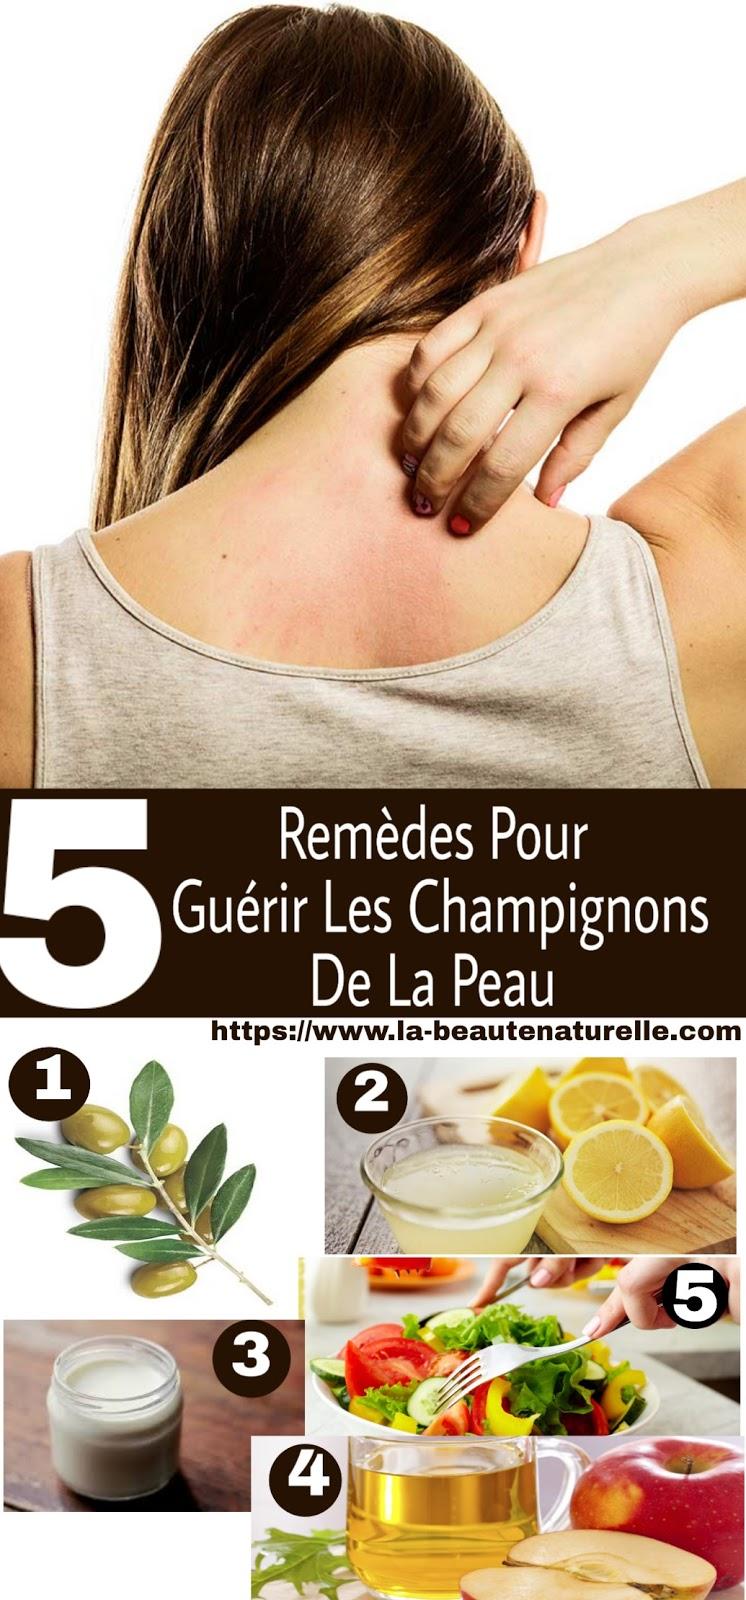 5 Remèdes Pour Guérir Les Champignons De La Peau